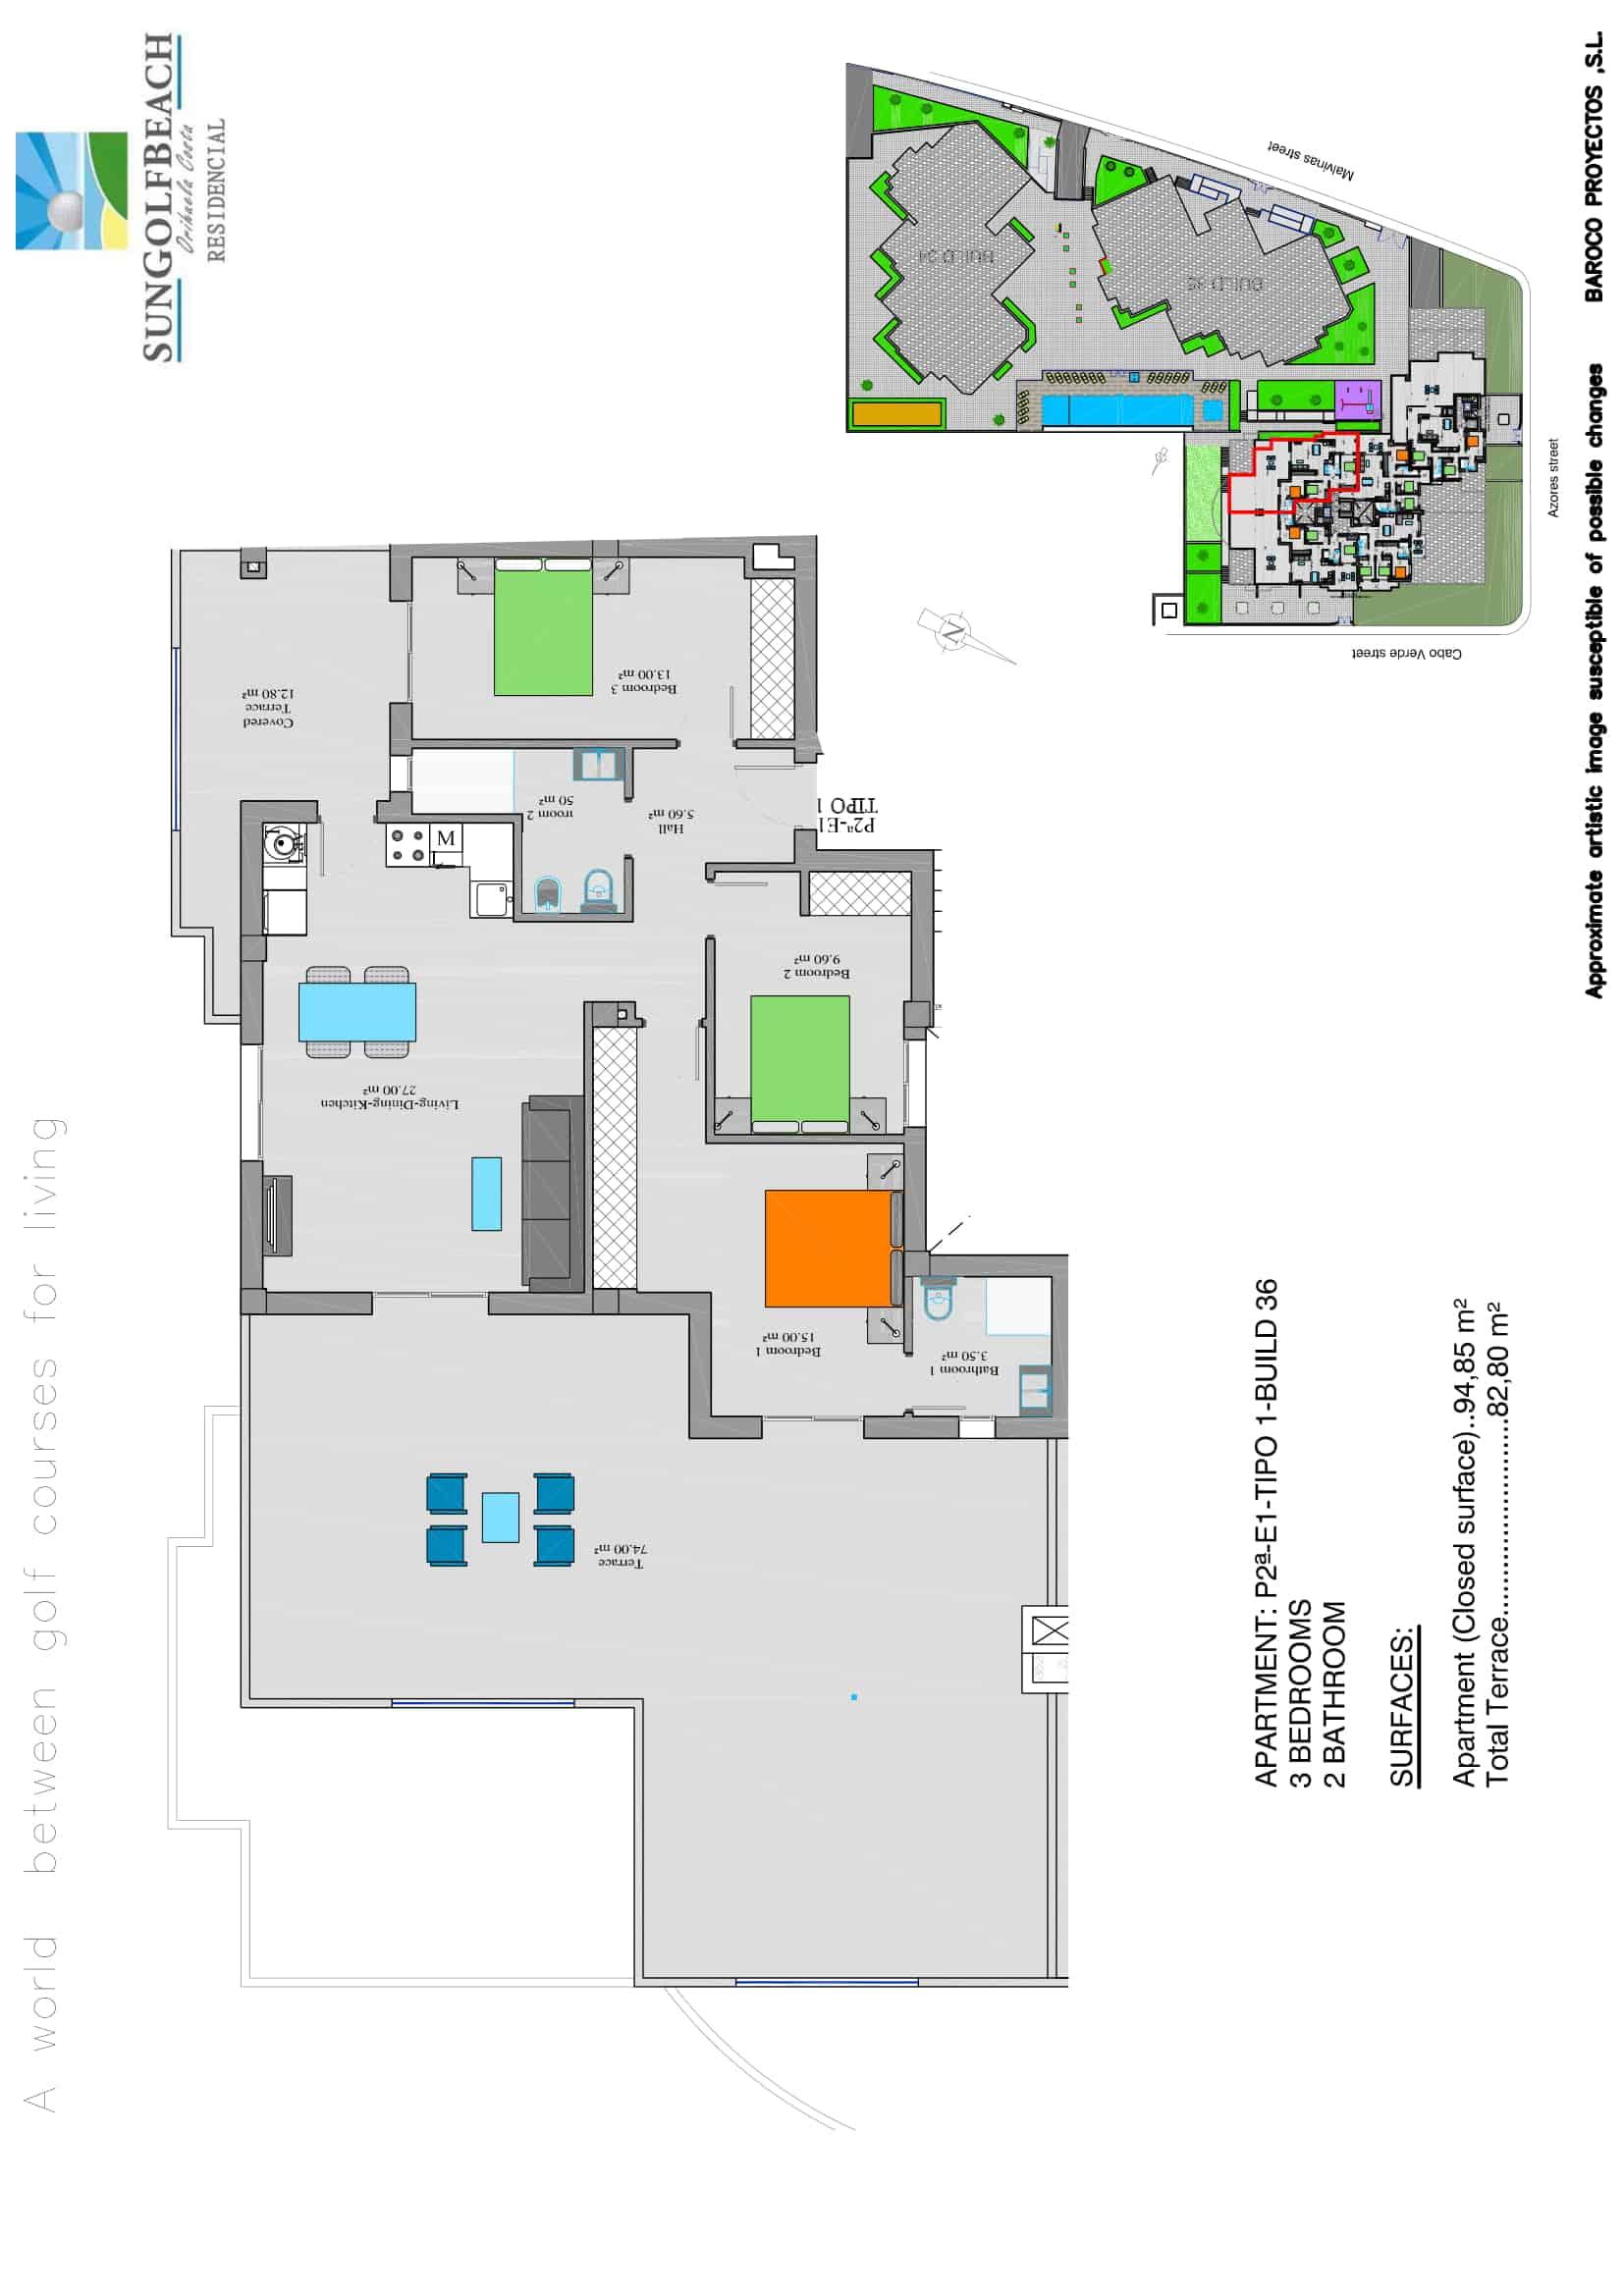 Example second floor